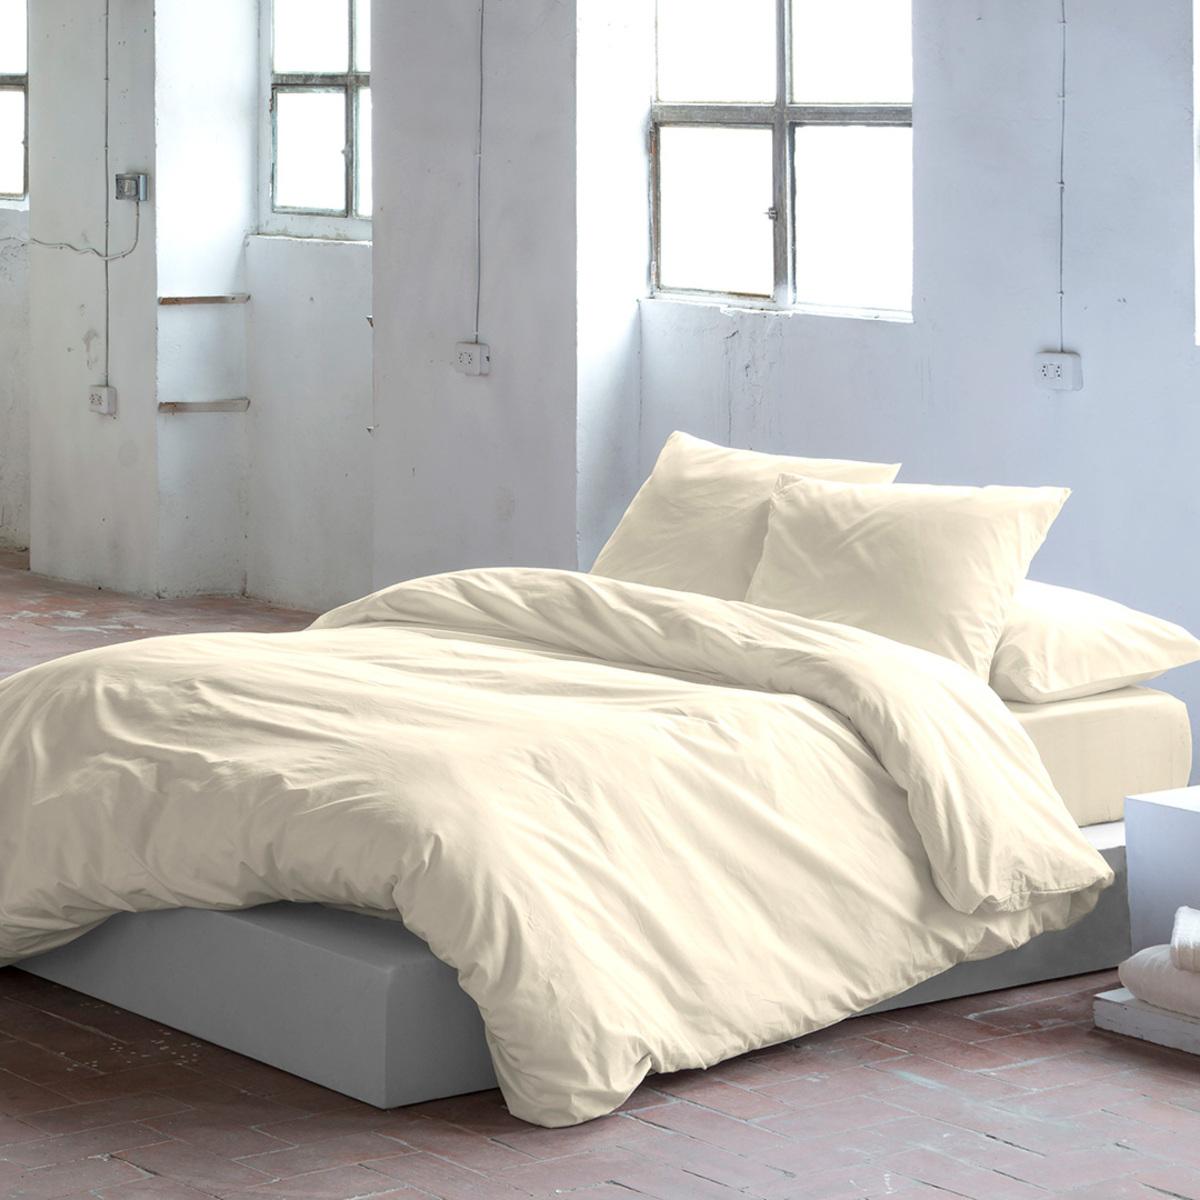 Housse de couette en coton cème 140x200 cm